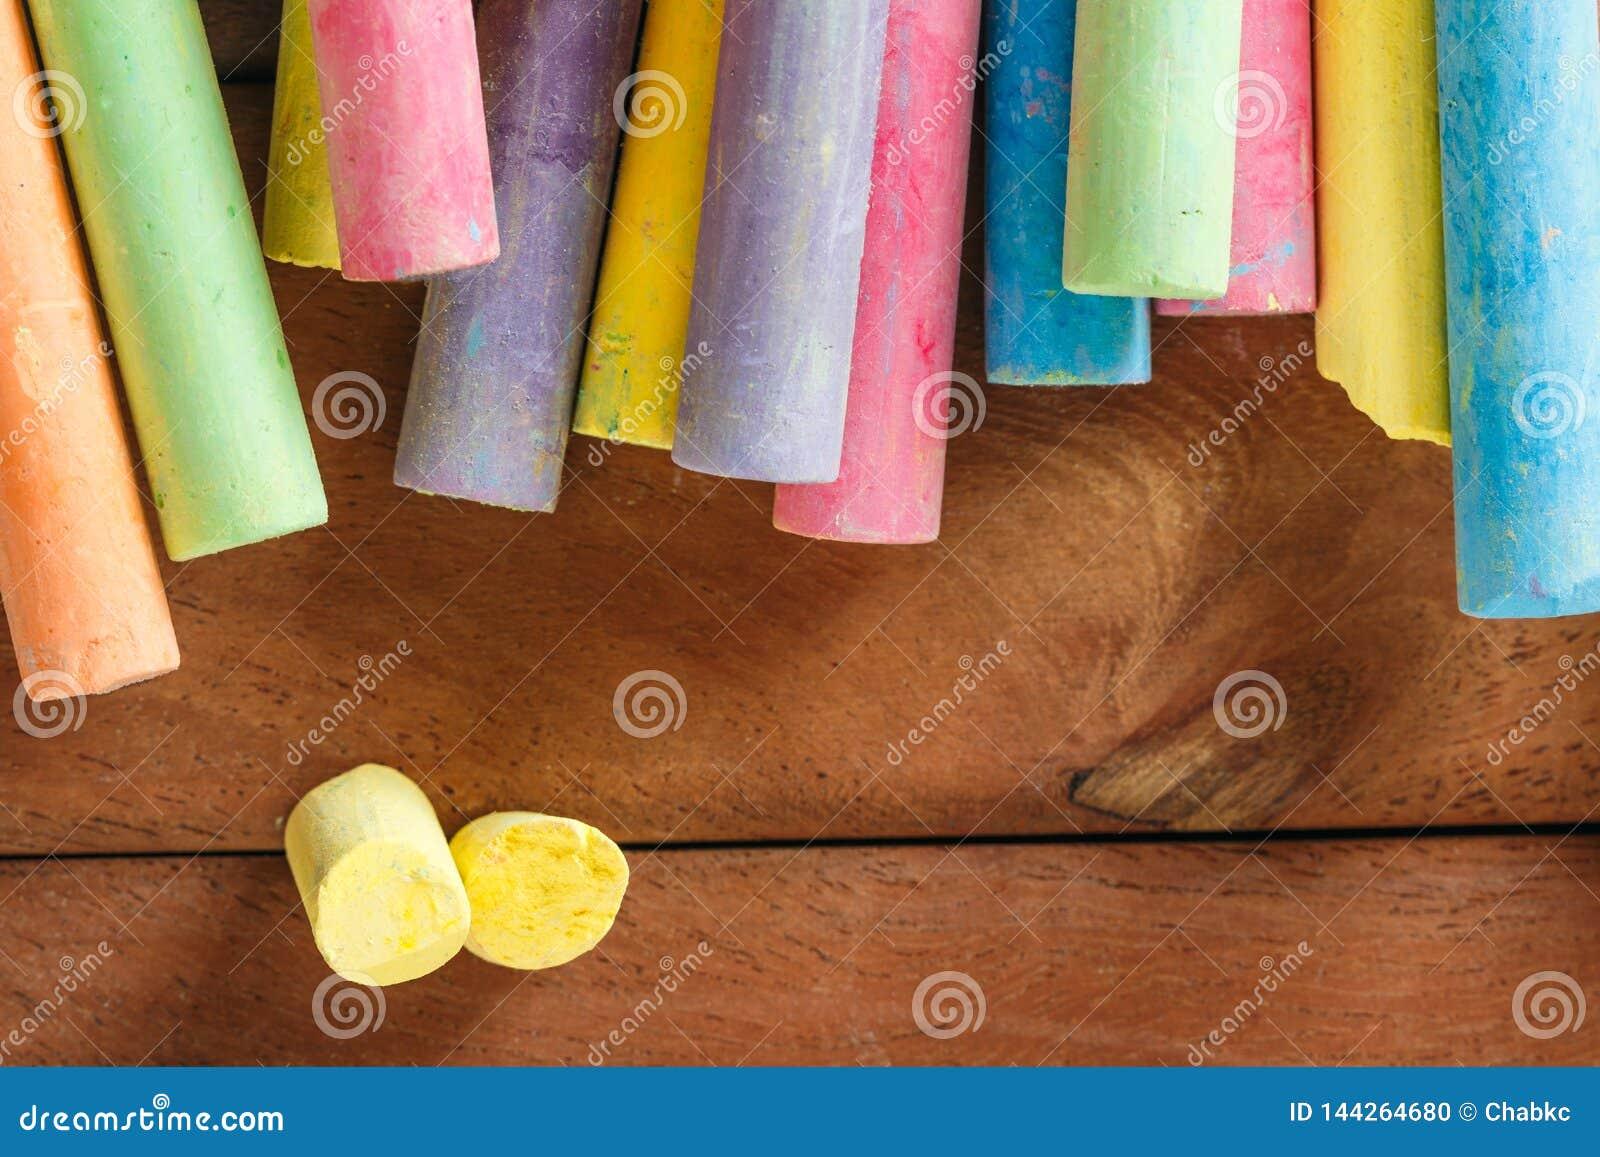 Wielosk?adnikowa kolorowa kreda na drewnianym